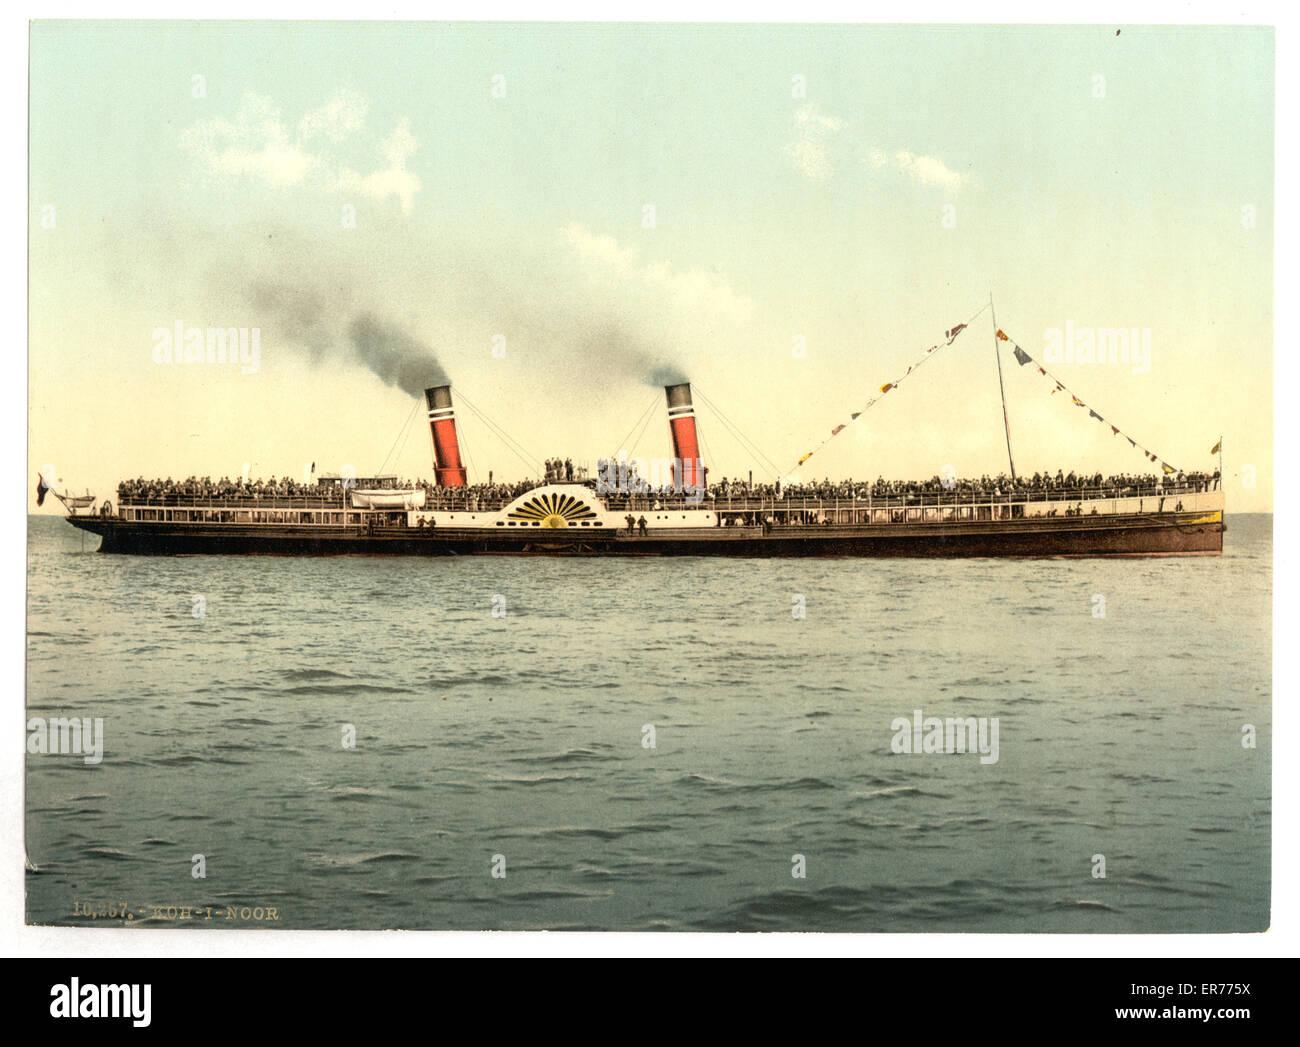 Koh-i-noor. Date between ca. 1890 and ca. 1900. Koh-i-noor. Date between ca. 1890 and ca. 1900. - Stock Image